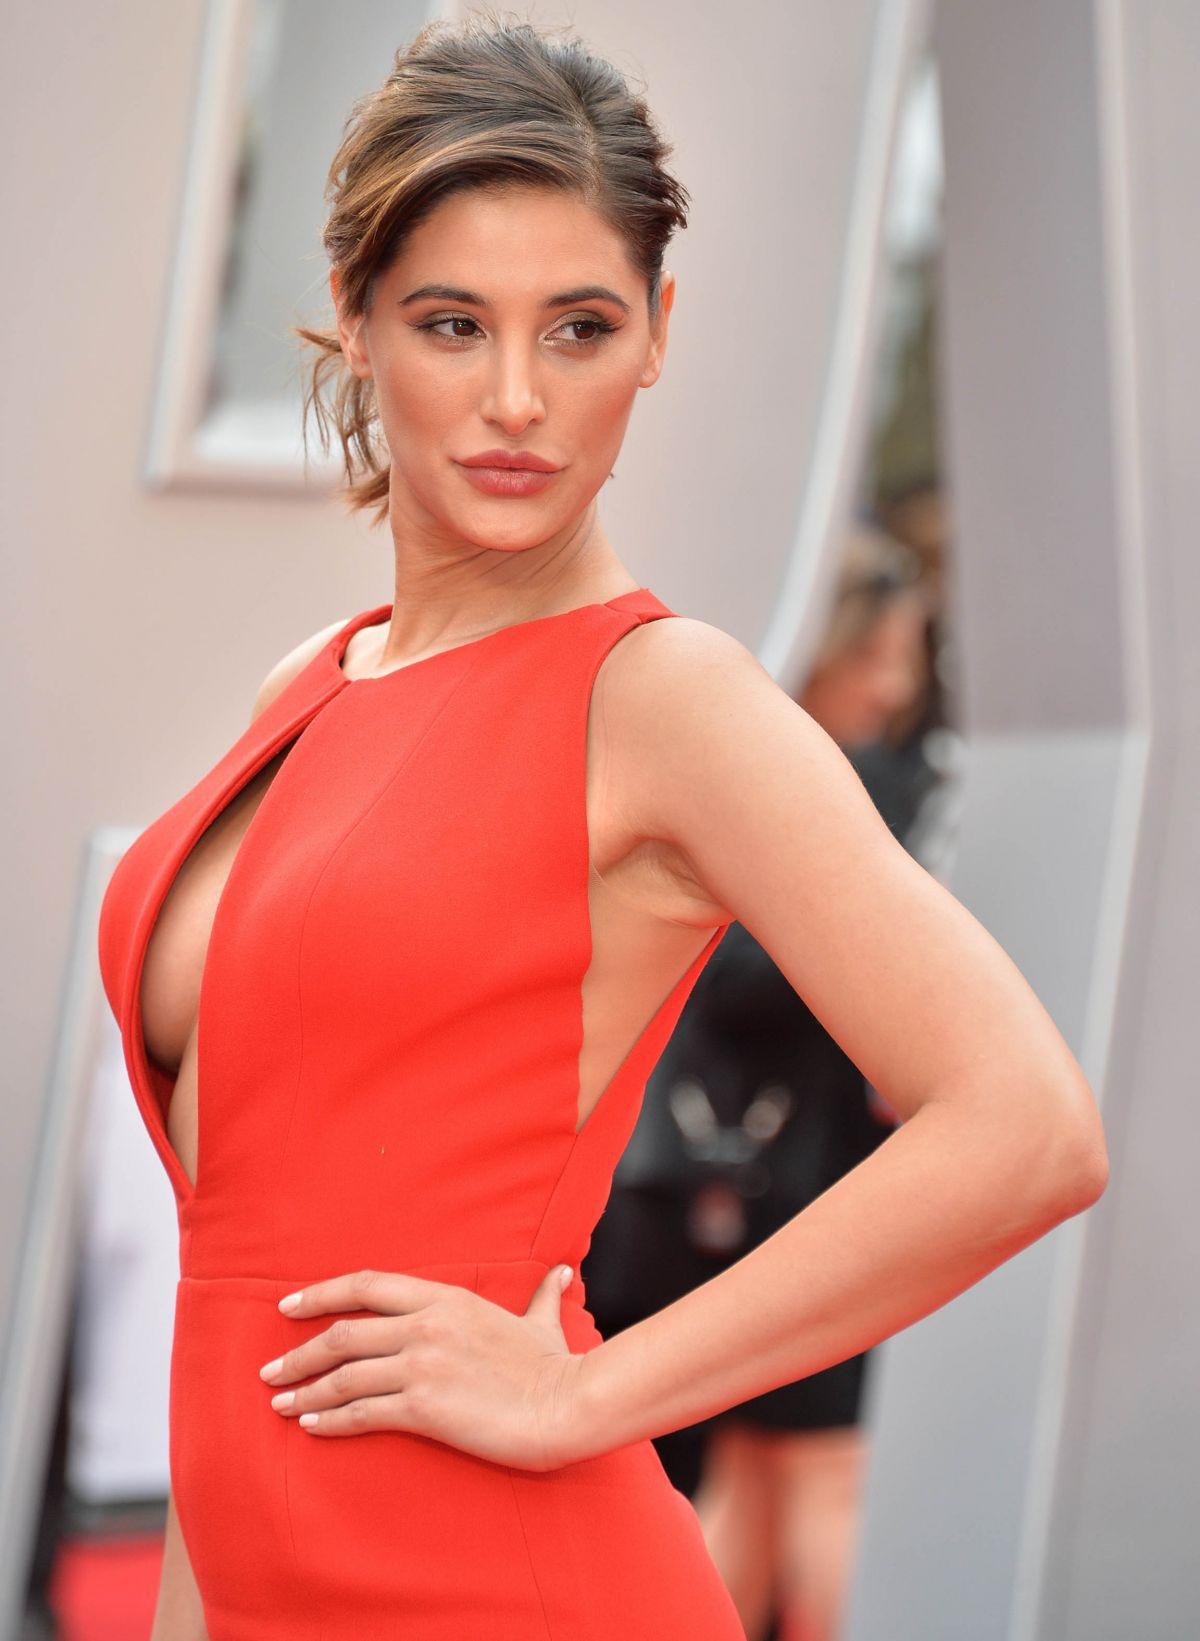 Nargis-Fakhri-in-red-dress Nargis Fakhri 11+ Unseen Bikini Swimsuit Images Age & Wiki